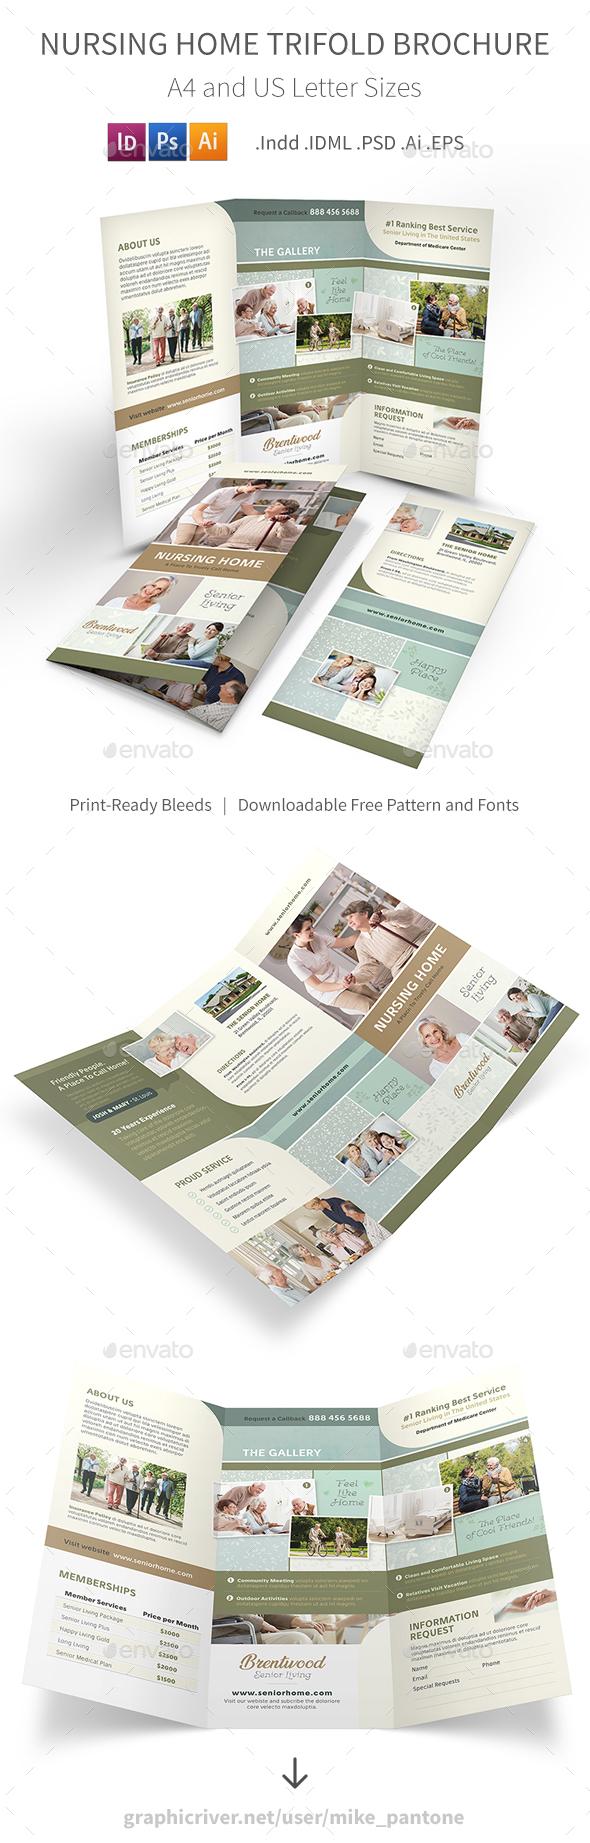 Nursing Home Trifold Brochure 2 - Informational Brochures